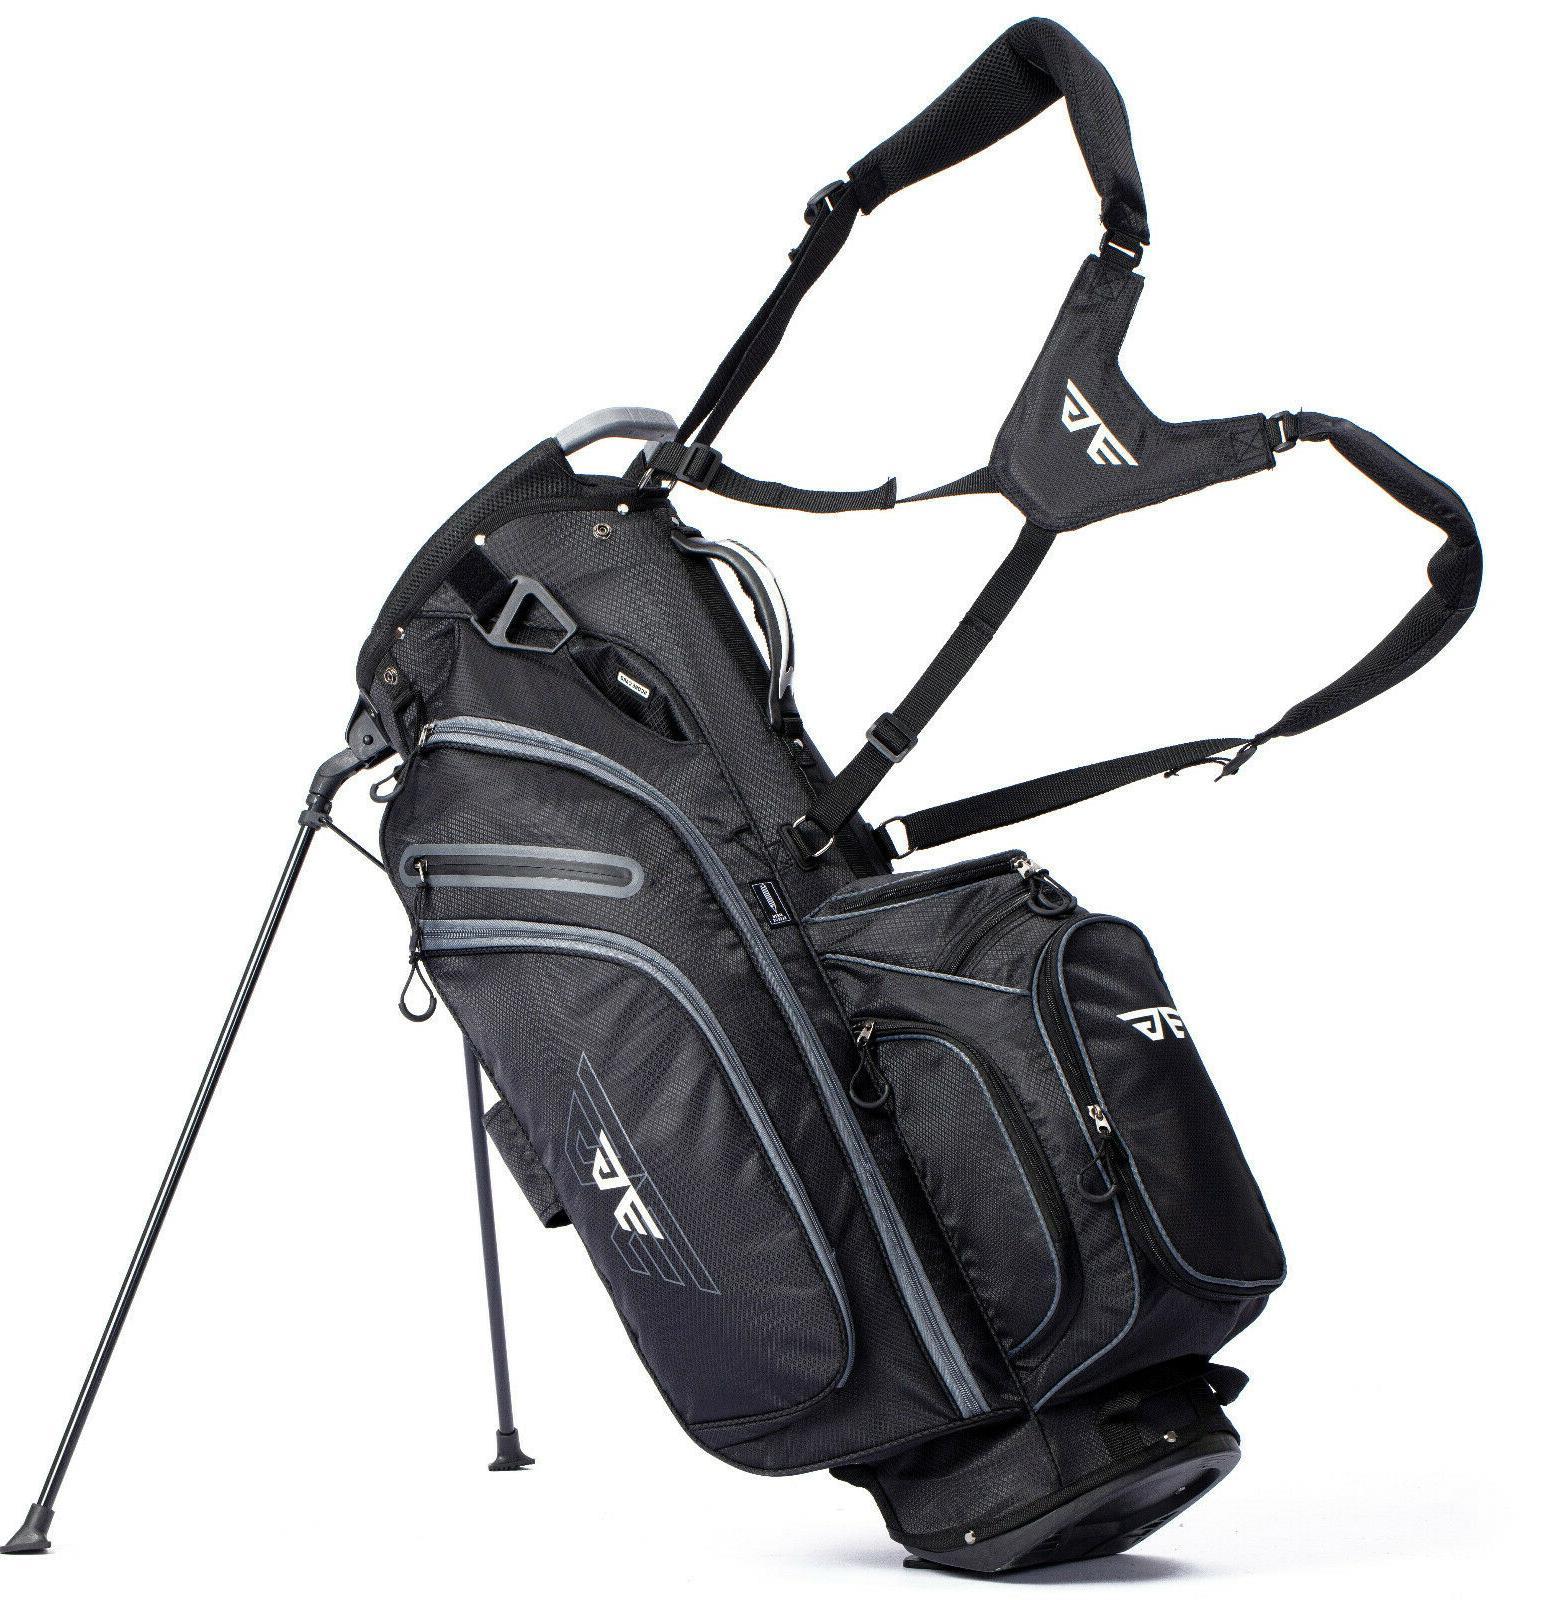 EG Stand Bag 14 Way Full Length